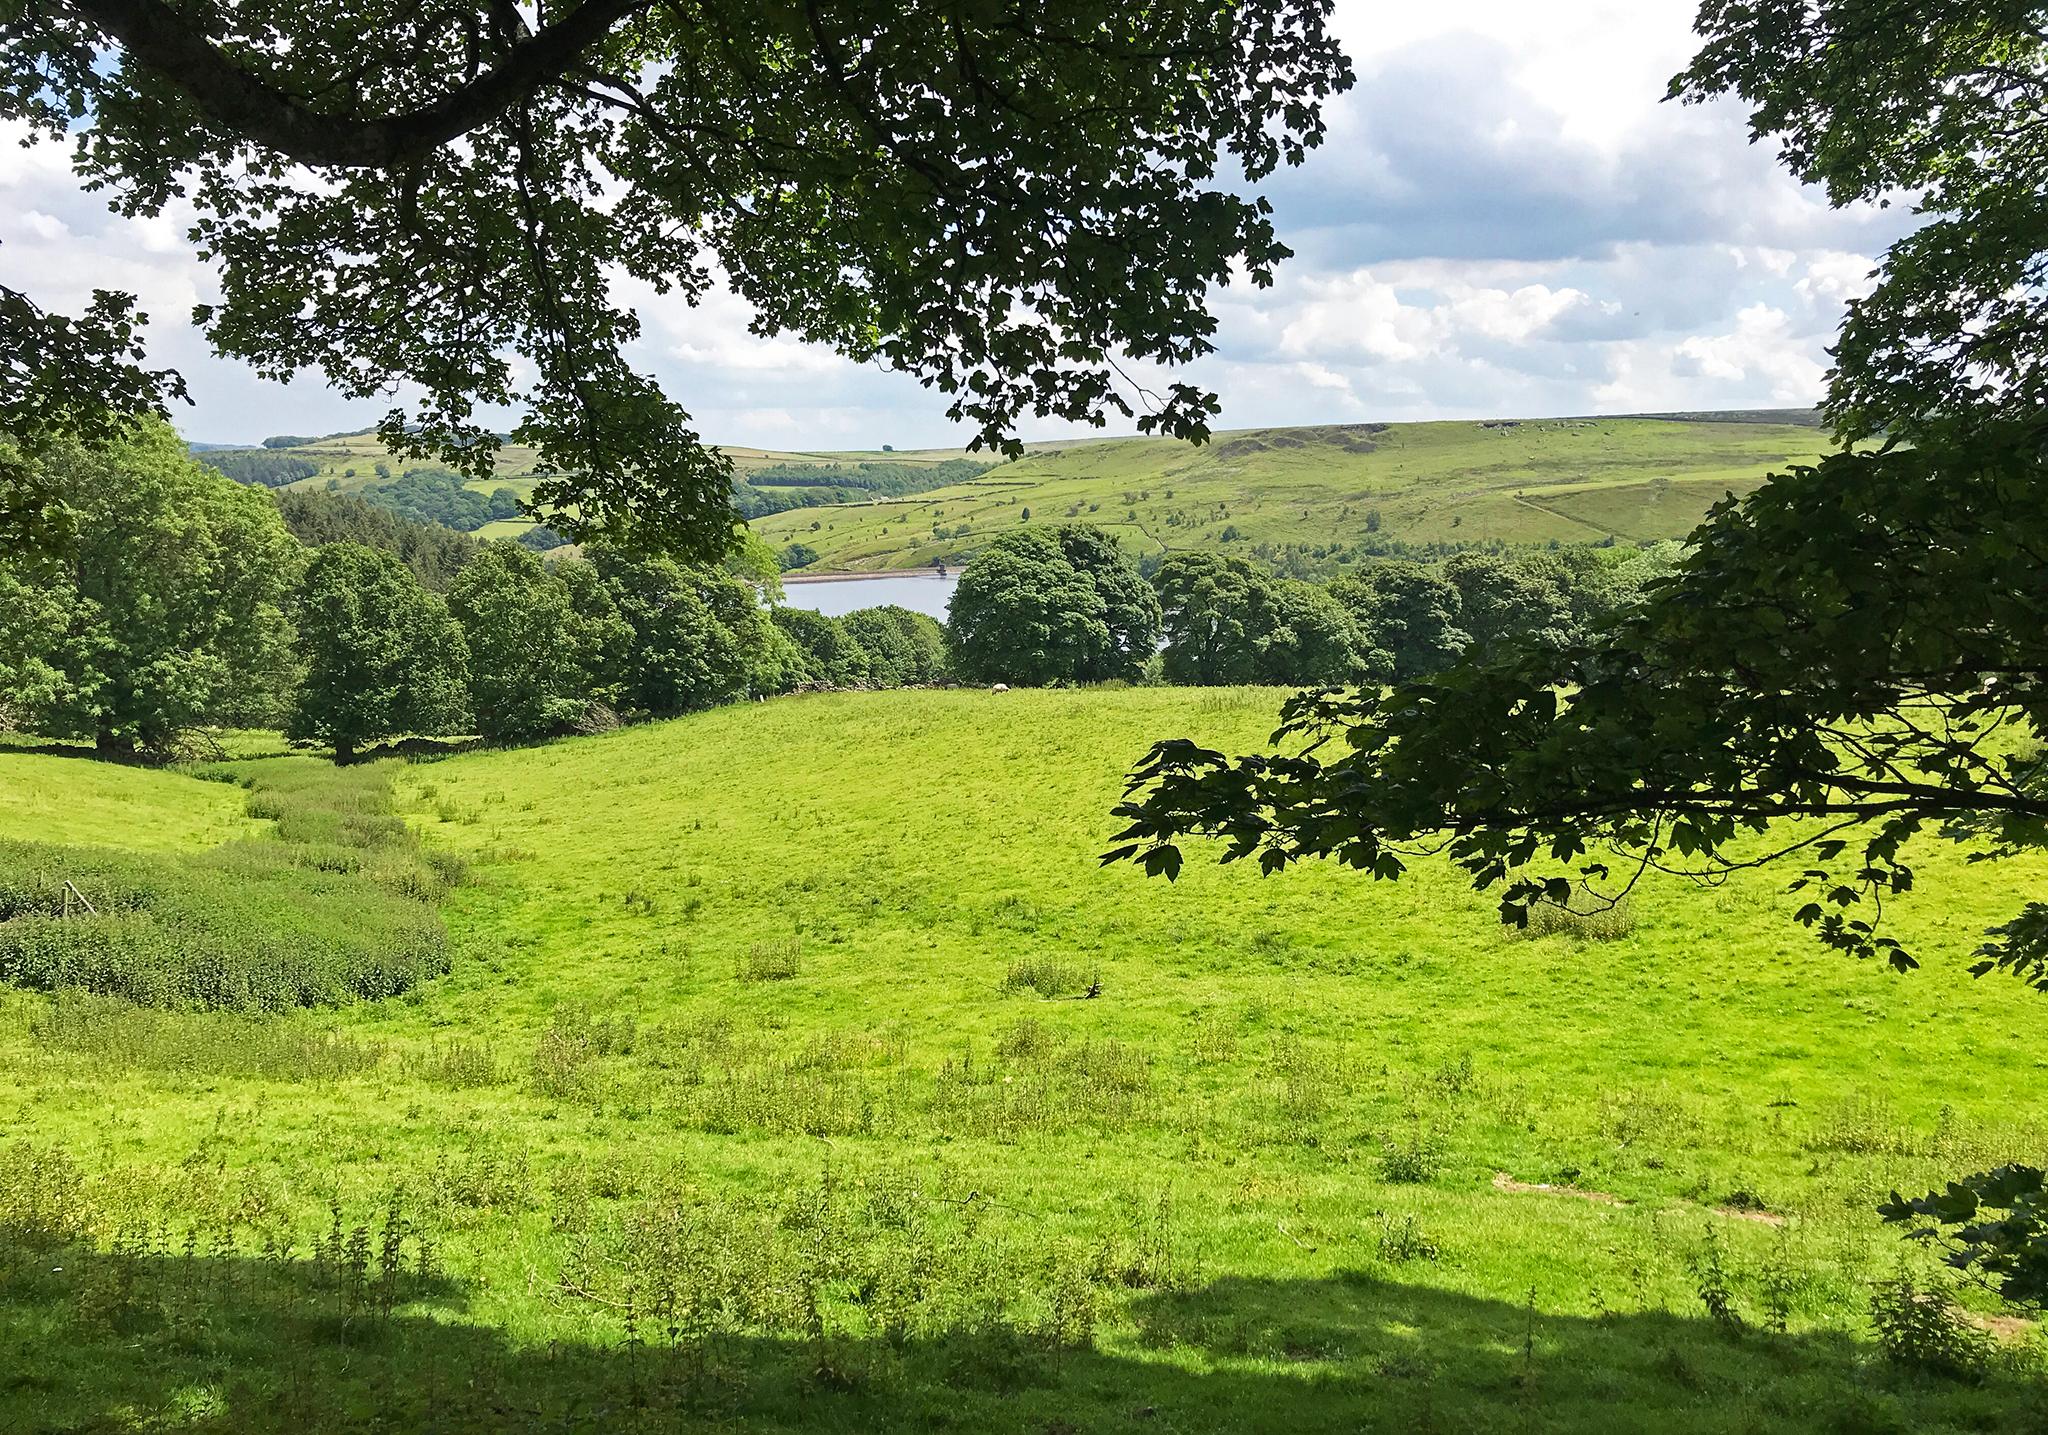 The Strines reservoir